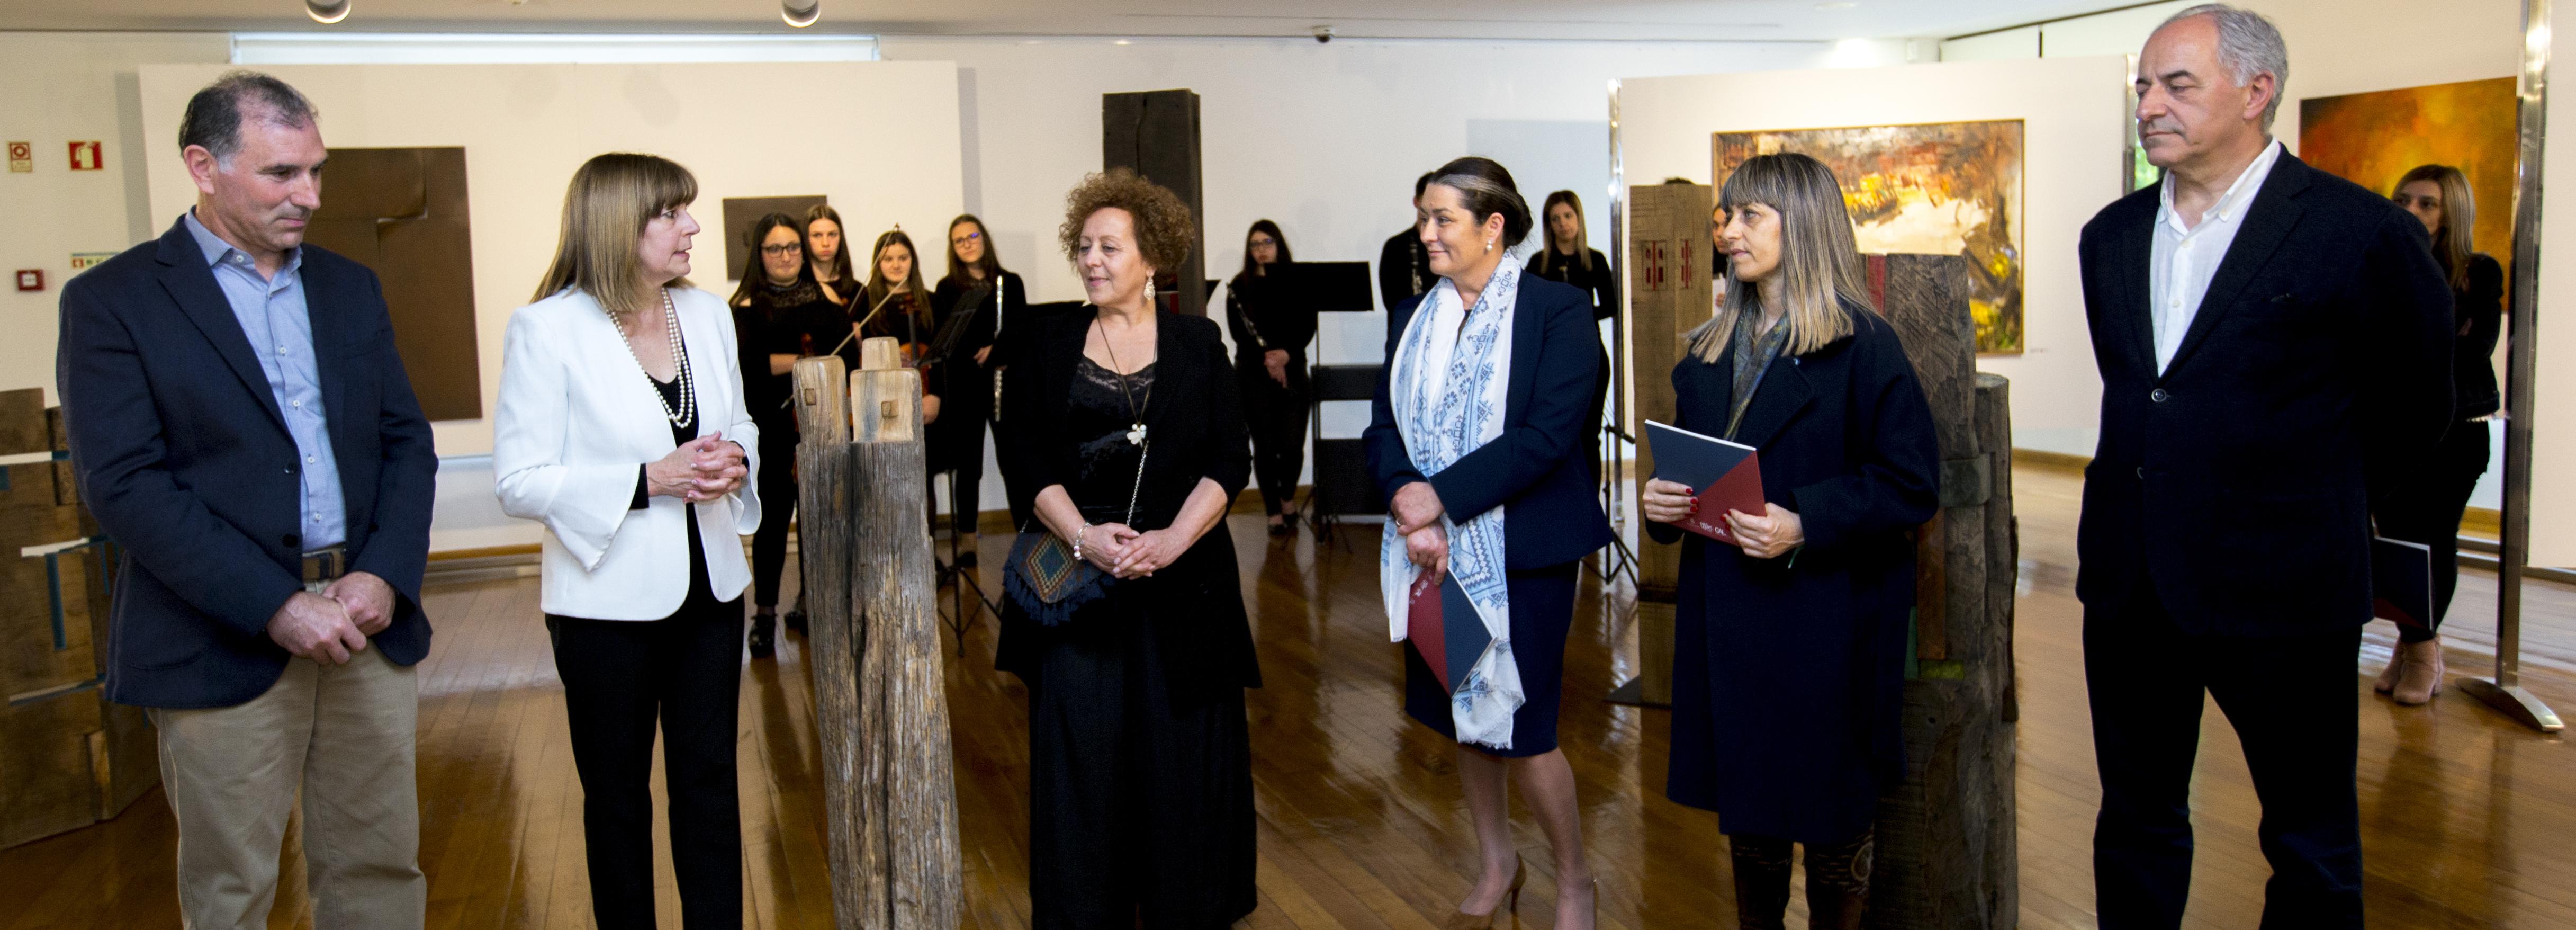 Galeria de Arte apresenta exposição de Maria Casal e Francisco Pazos